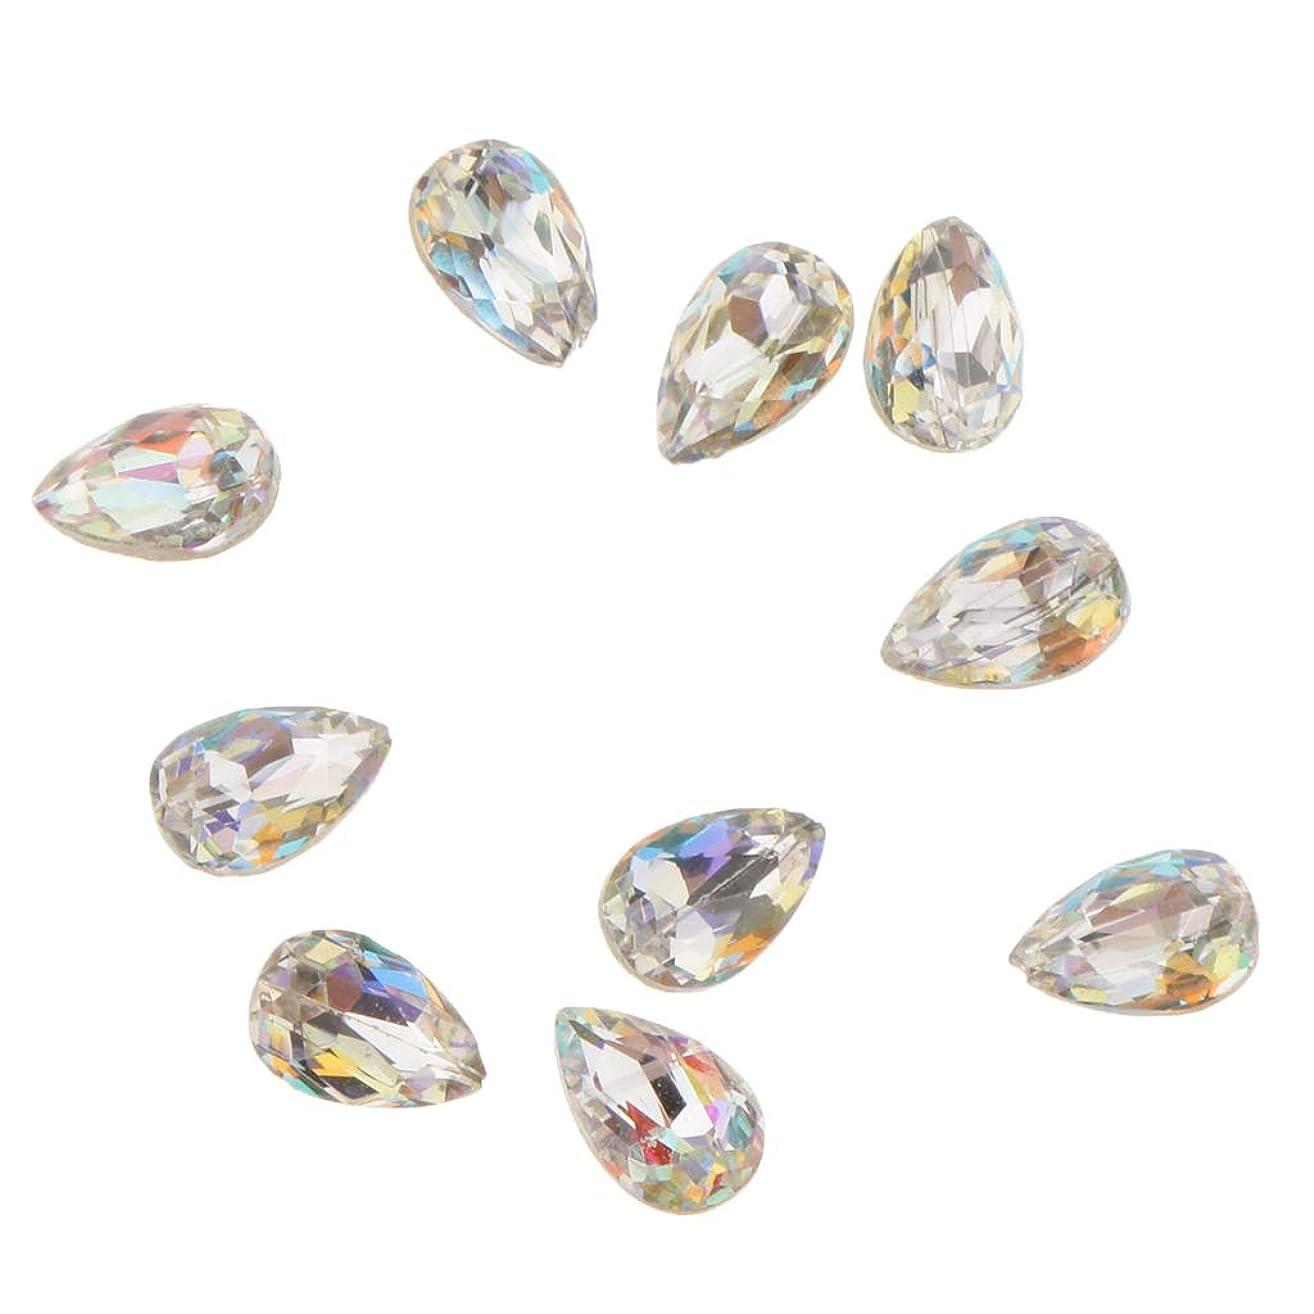 副産物テントこしょうFenteer 10個 ネイルアート 3D ネイルチャーム ガラス キラキラ おしゃれ ダイヤモンドチップ 装飾 美しい爪 魅力 5タイプ選べ - A